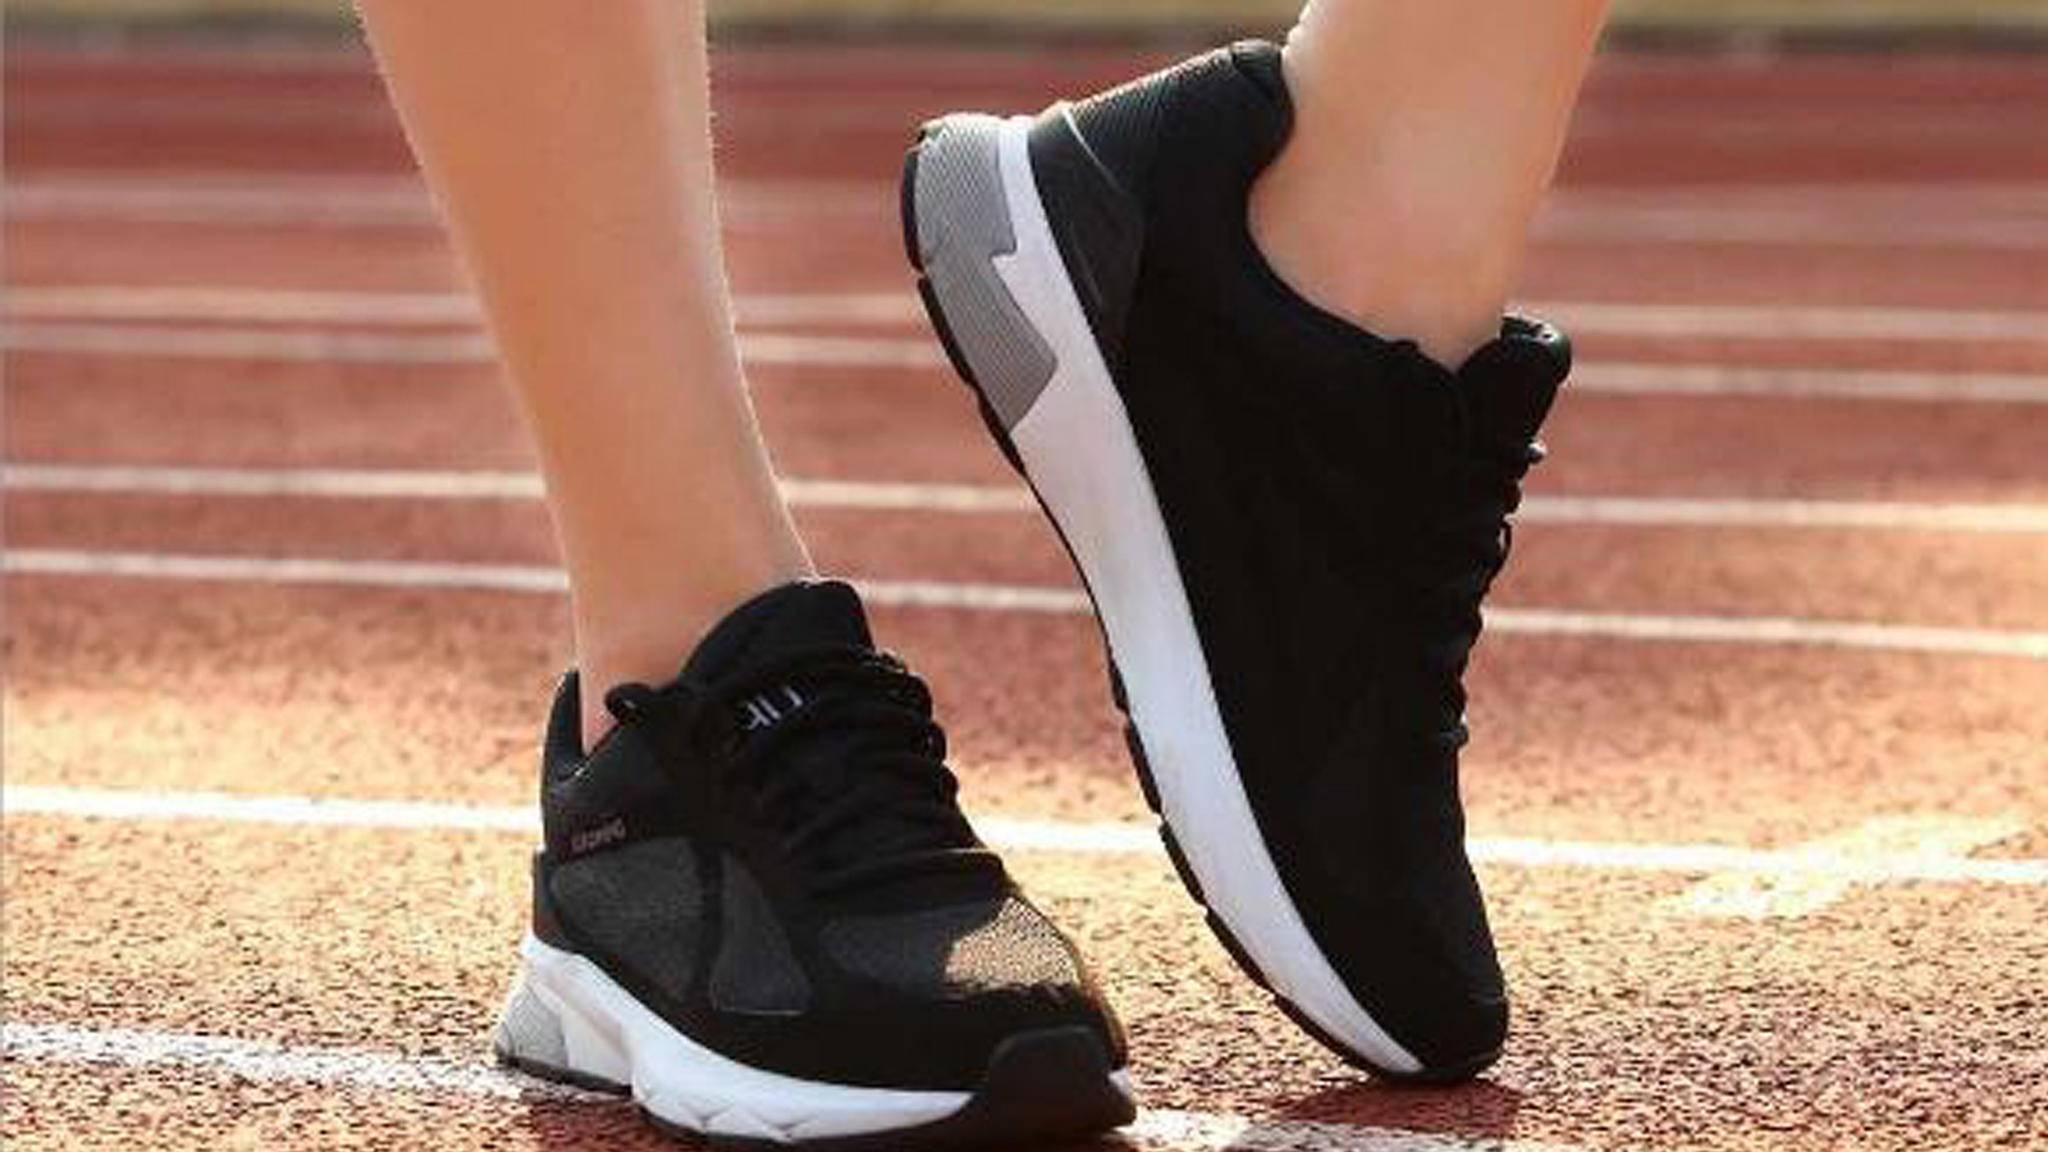 Mit smarten Schuhen möchte Xiaomi seinen Anteil am Wearables-Markt ausbauen.